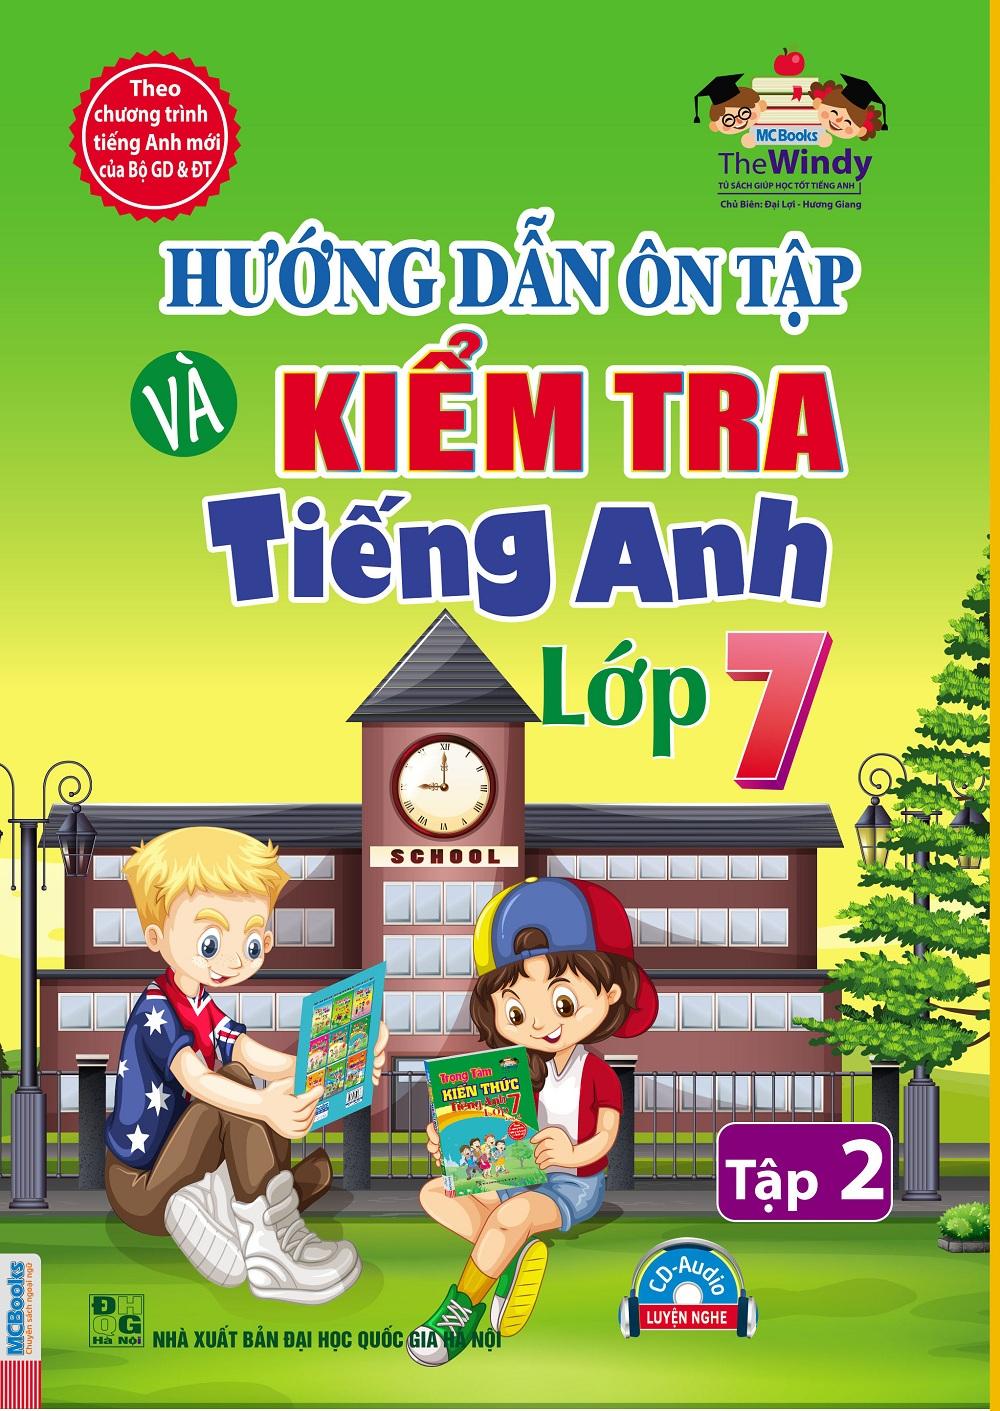 Hướng Dẫn Ôn Tập Và Kiểm Tra Tiếng Anh Lớp 7 (Tập 2) (Kèm CD)